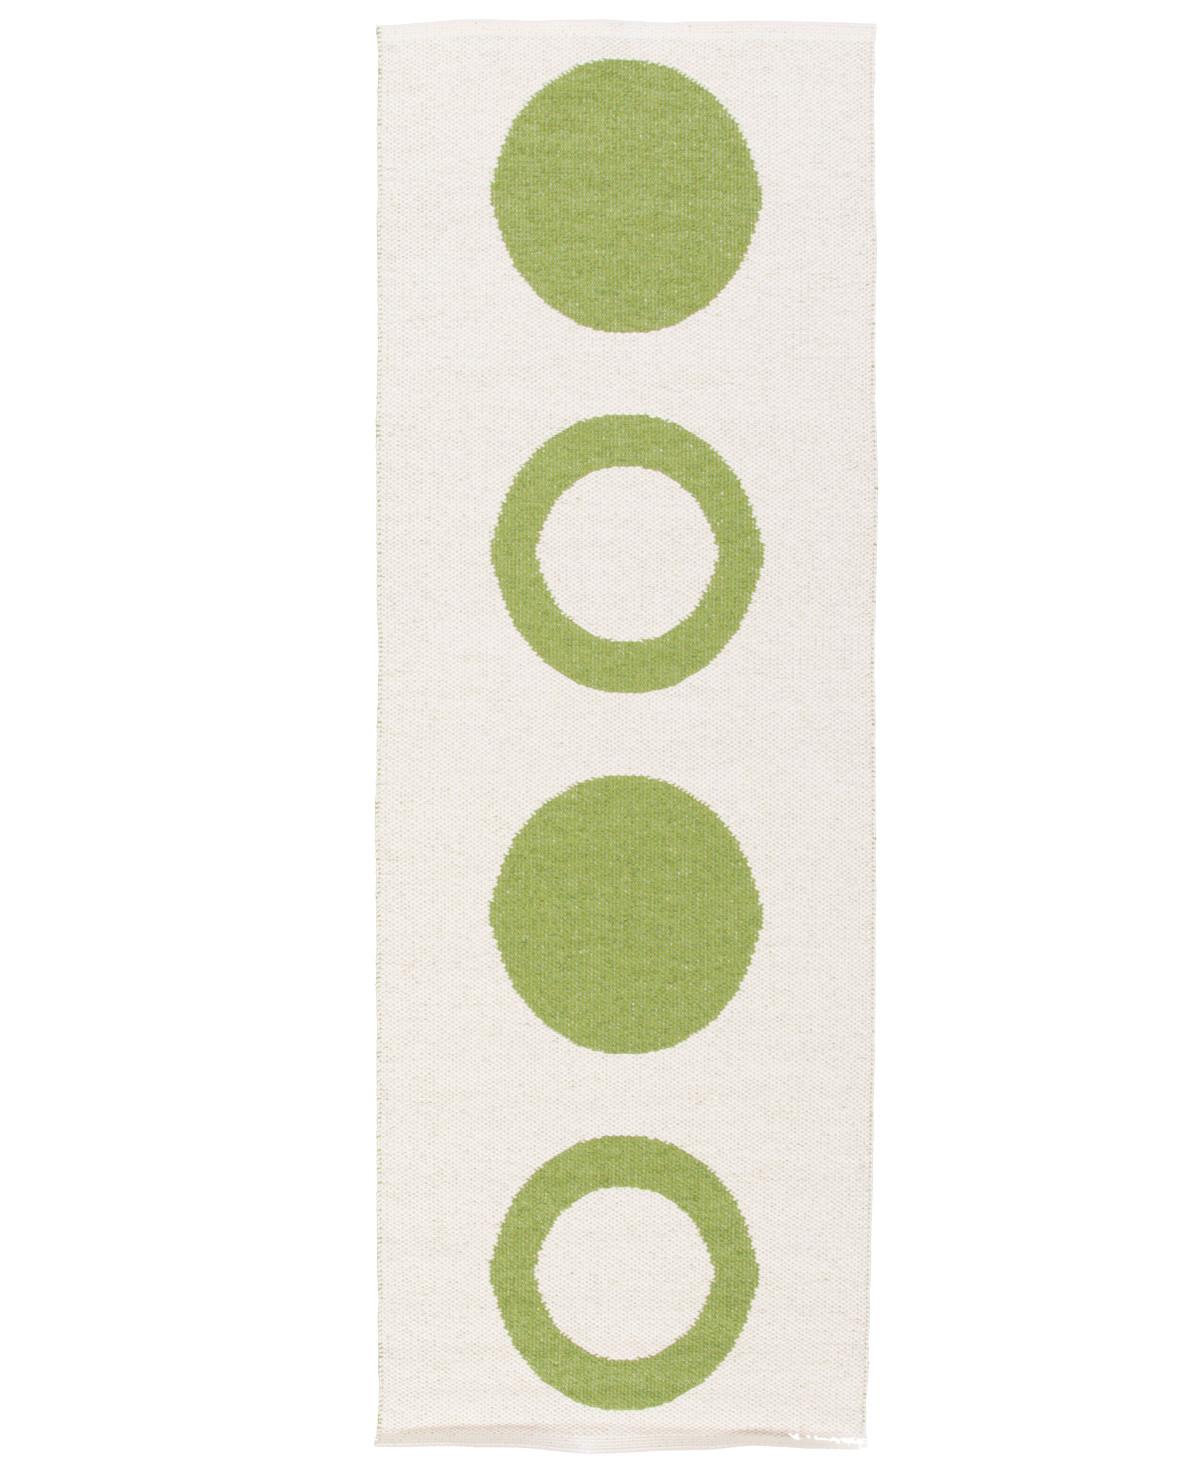 Circle grön plastmatta från svenska Horredsmattan ena sidan